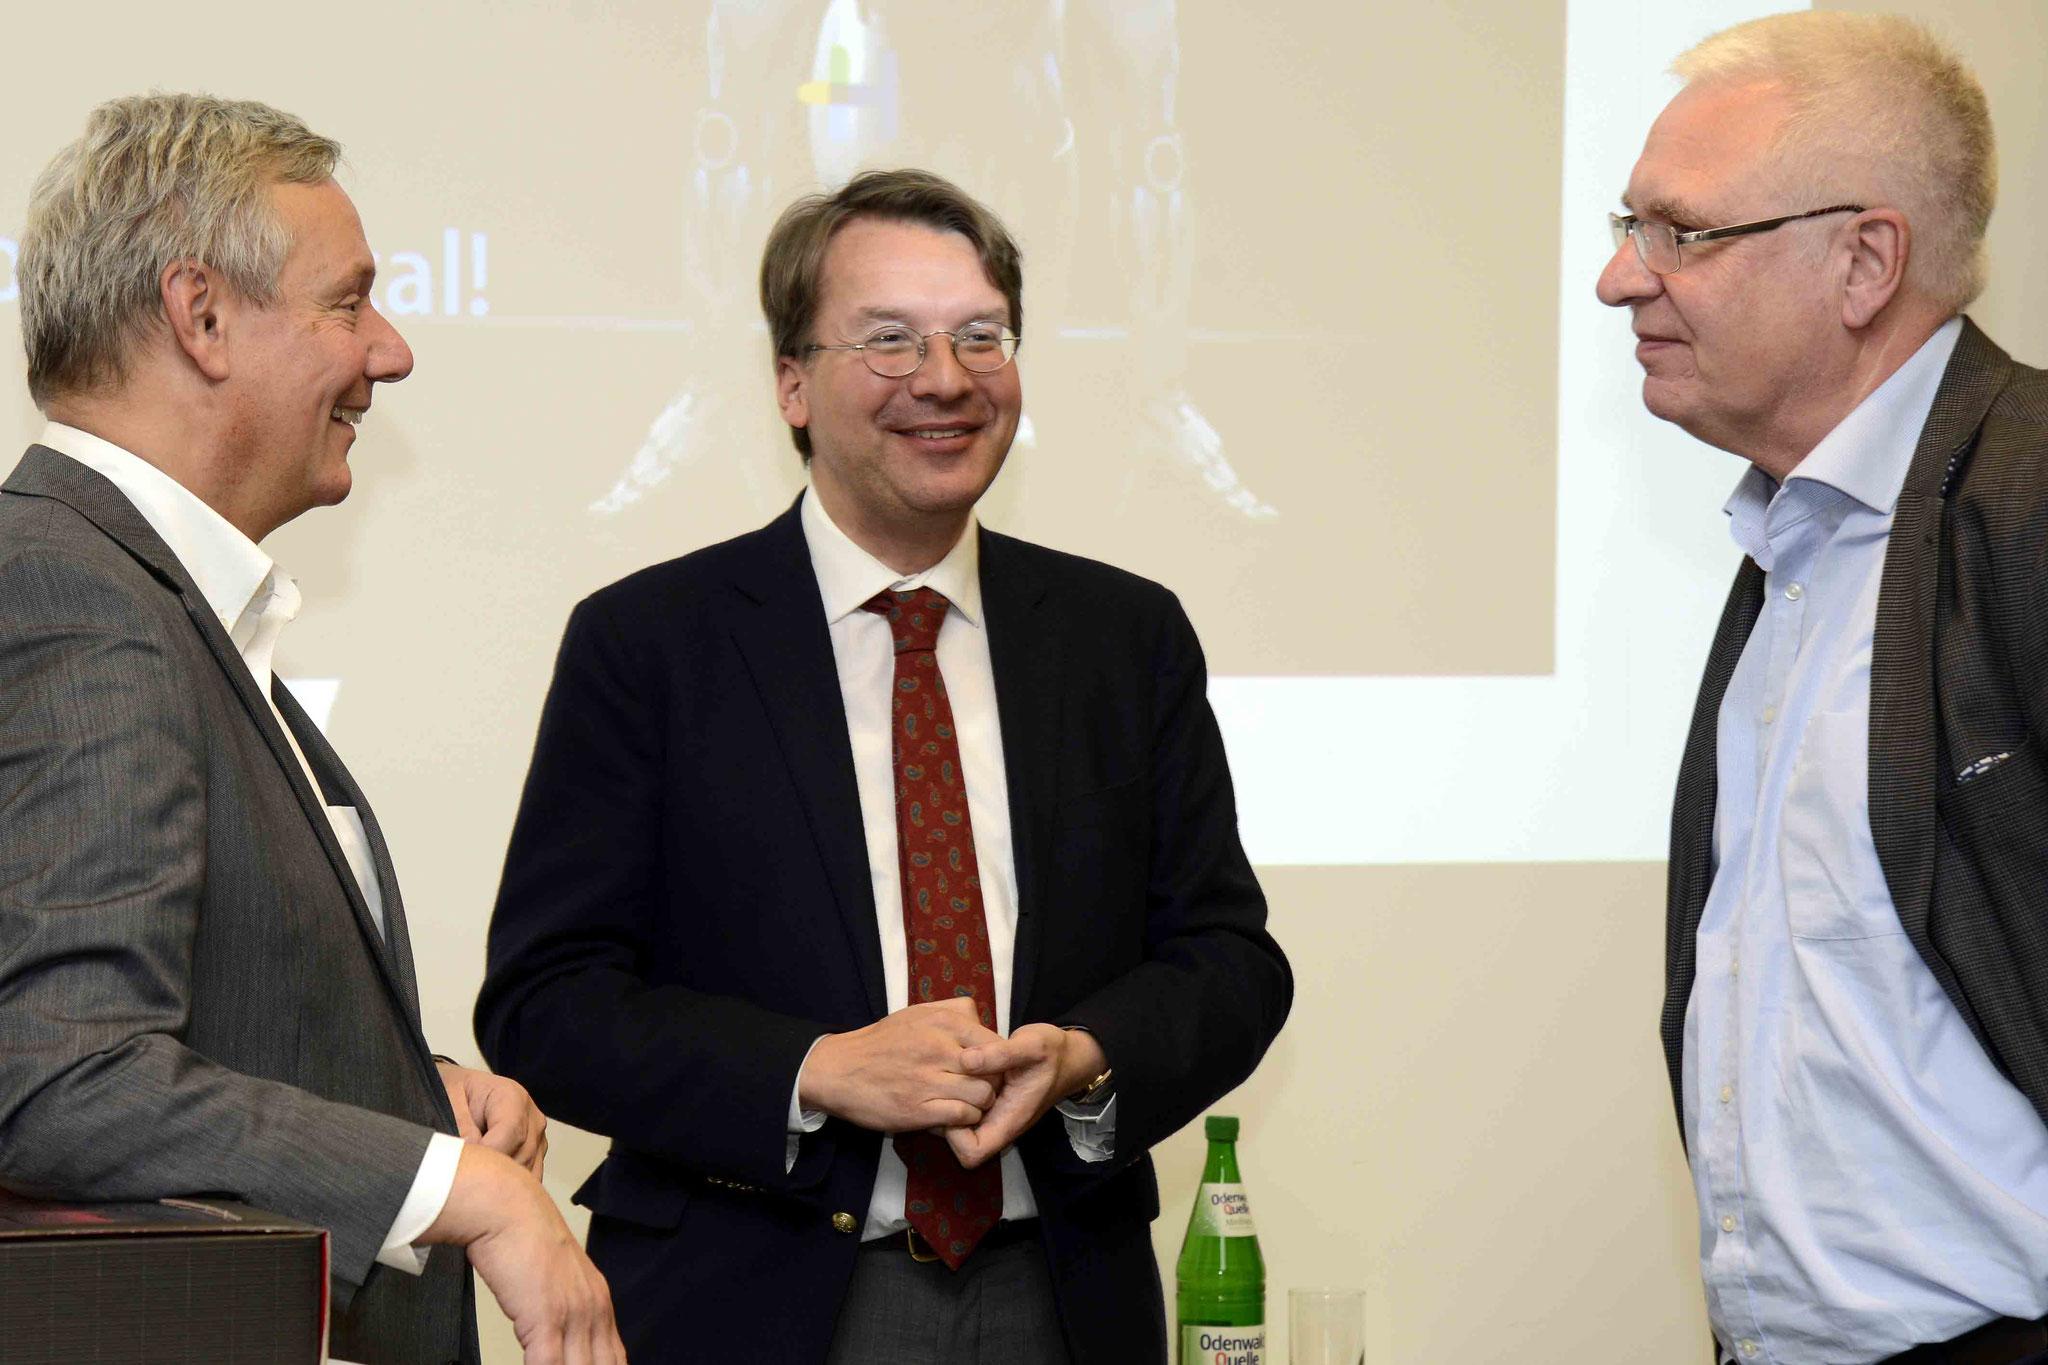 Prof. Dr. Felder, Dr. Gröpl, Pfr. Thomas Löffler (Leiter KDA -Kirchlicher Dienst in der Arbeitswelt- Nordbaden, Landeskirche Baden), Bild: Copyright by Helmut G. Roos